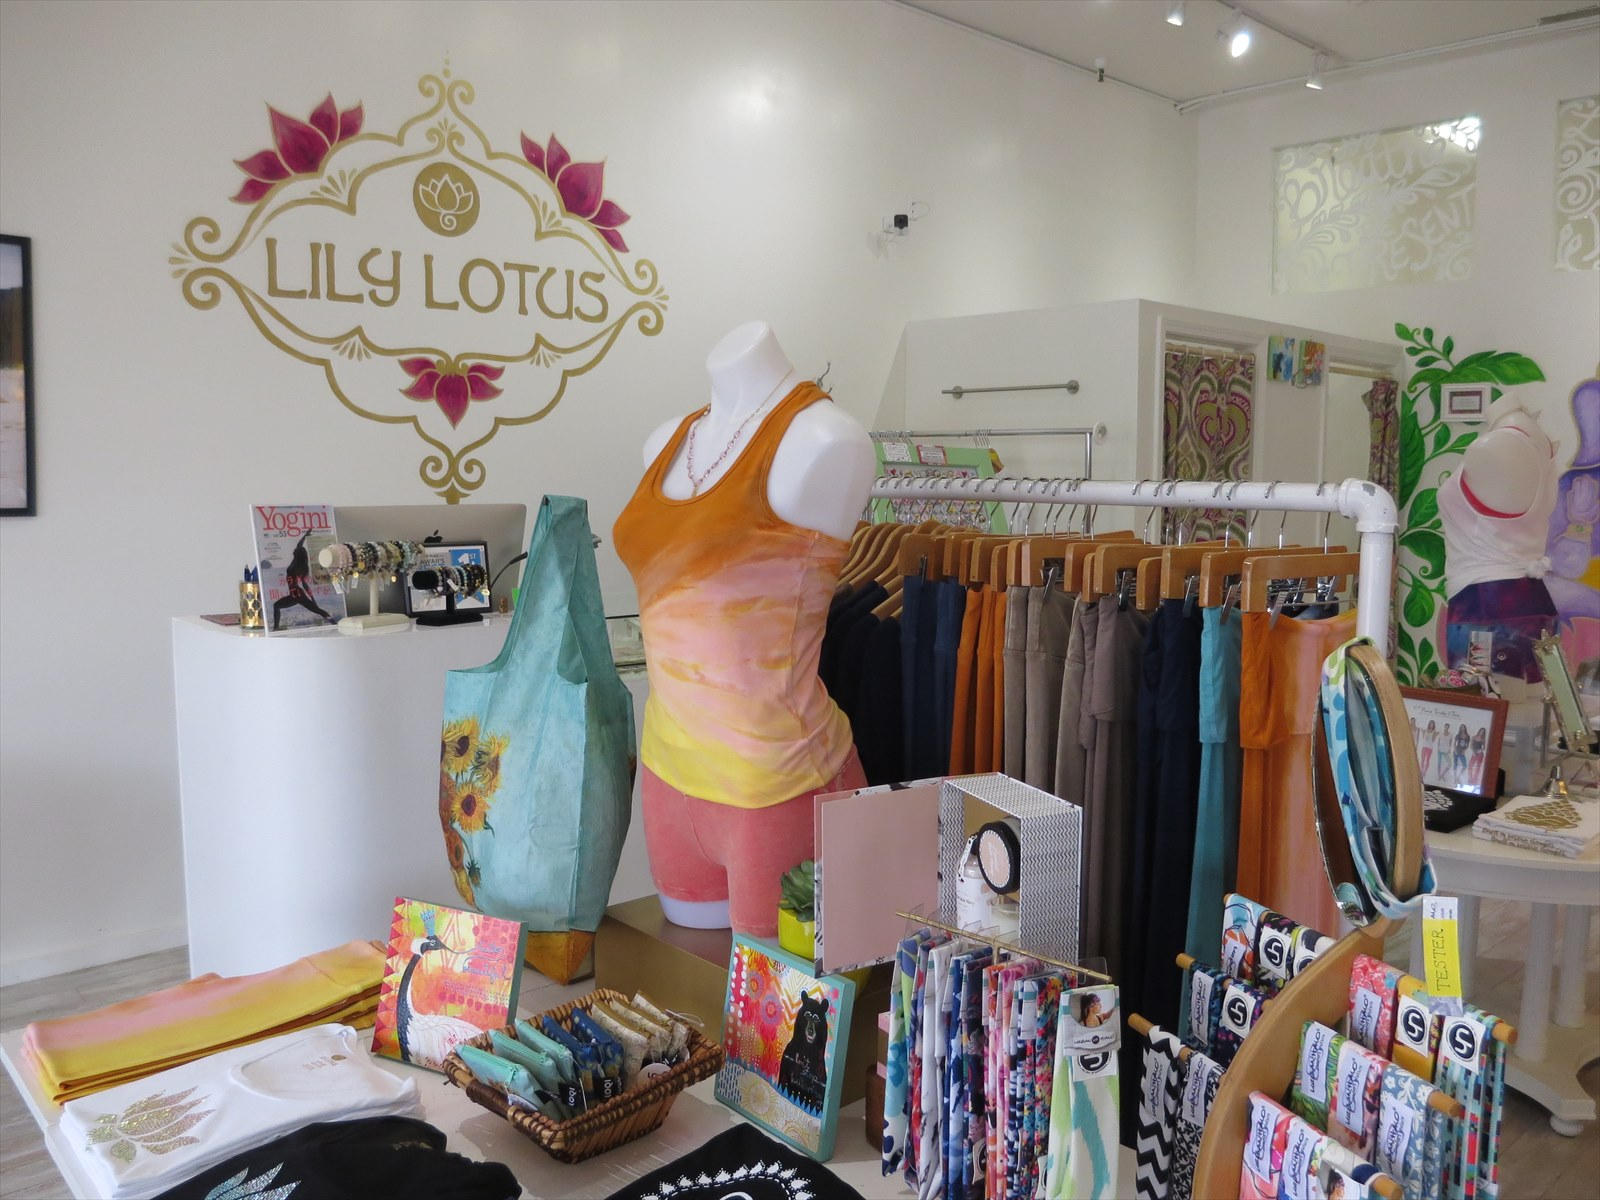 ヨガウェアのLily Lotusはカイムキ店のみの営業です